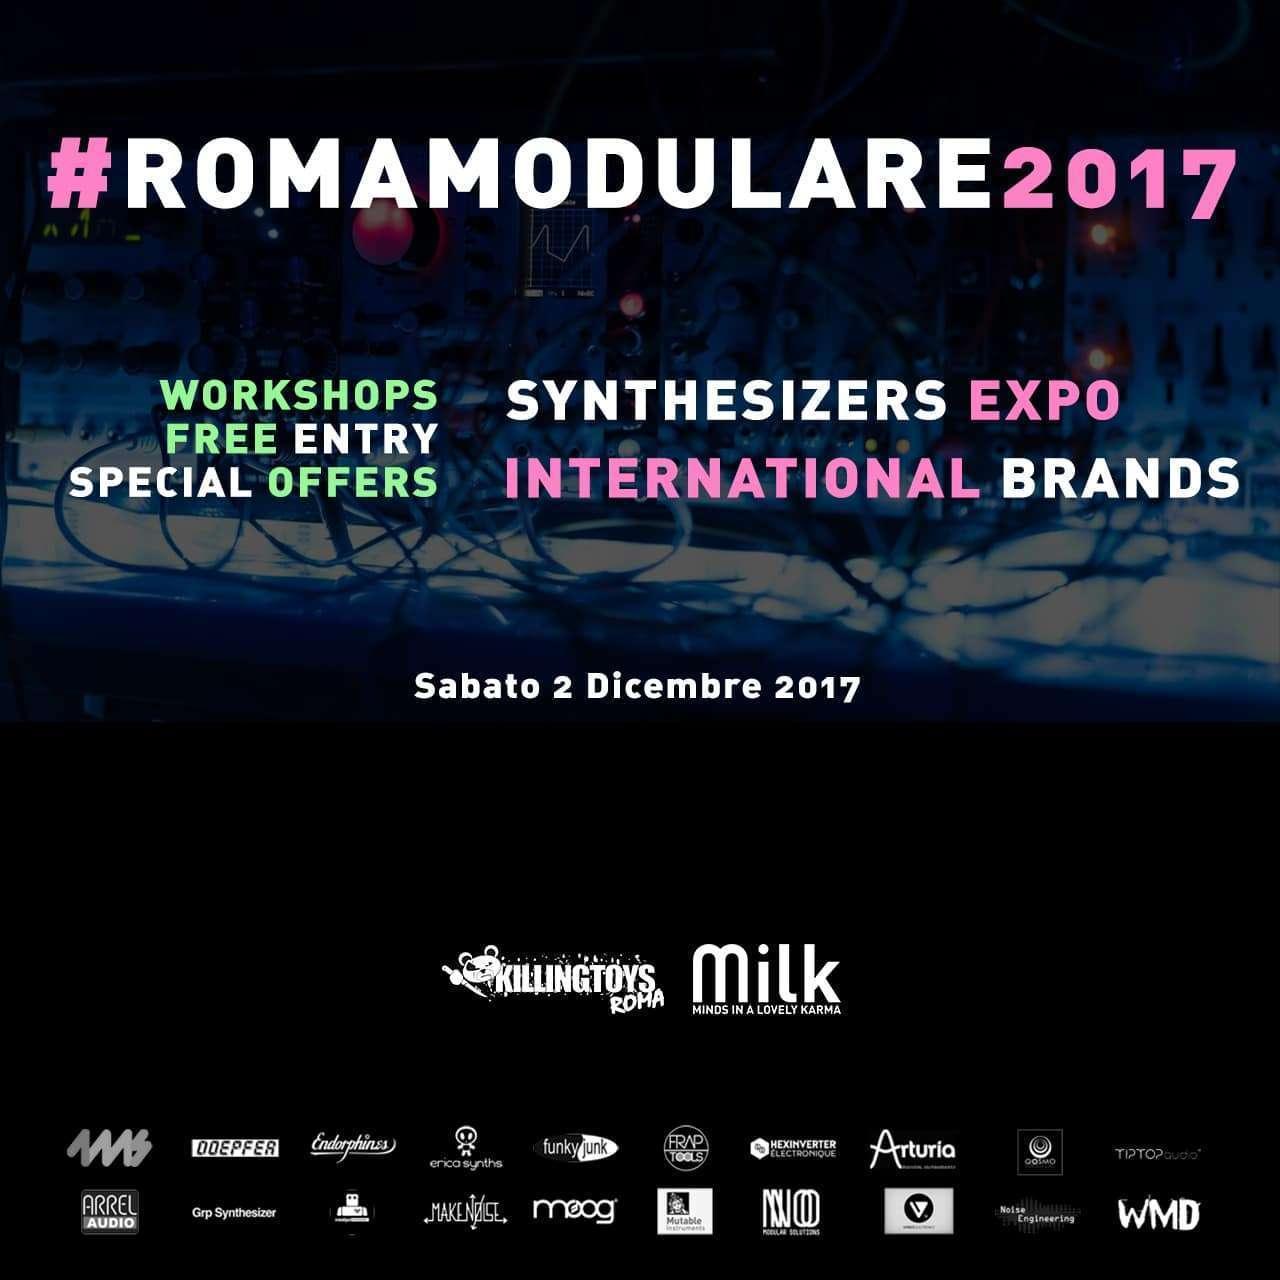 Roma Modulare Sintetizzatori Modulari Expo